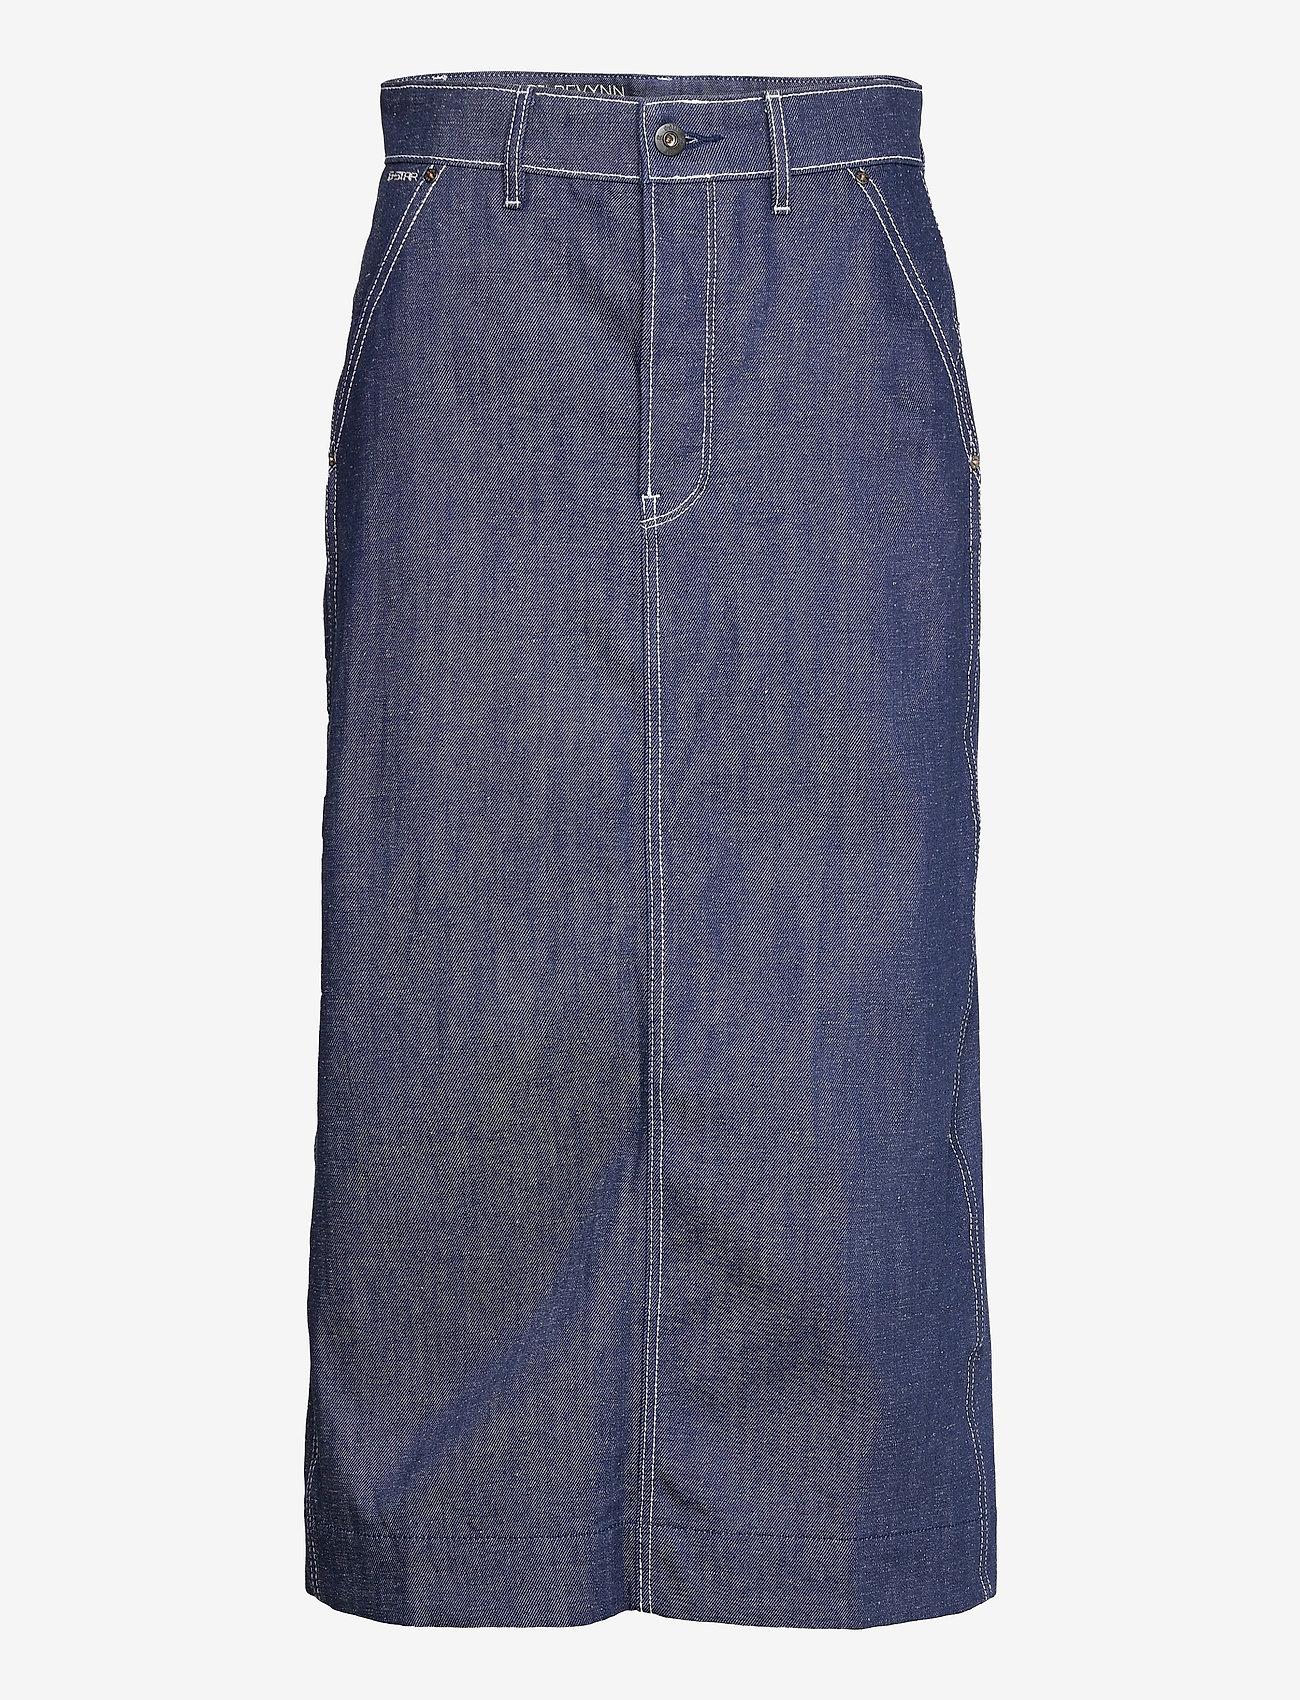 G-star RAW - New Revynn Ultra High Skirt C - jeansrokken - raw denim - 0